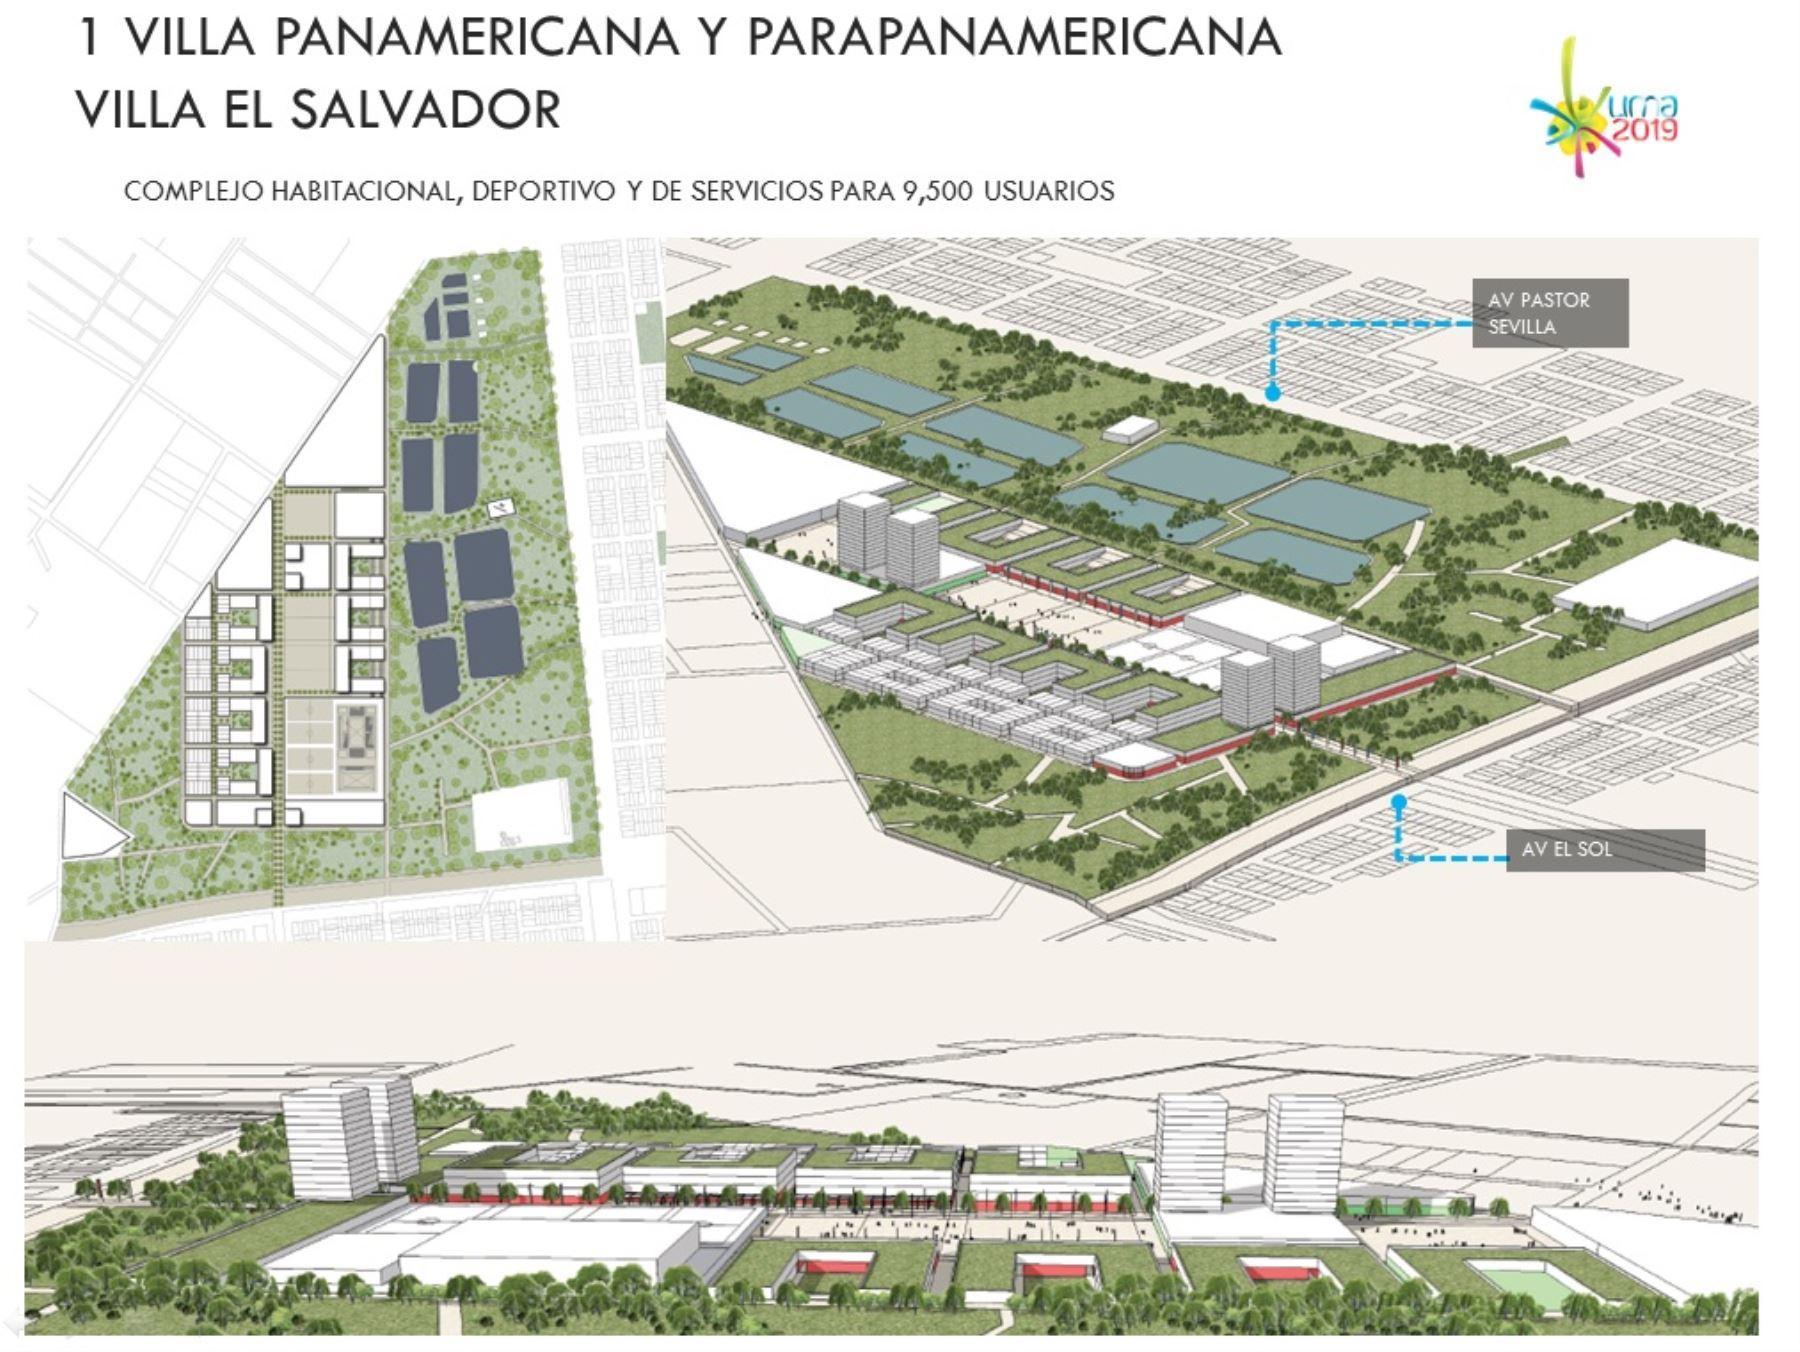 La Villa Panamericana estará ubicada en Villa El Salvador